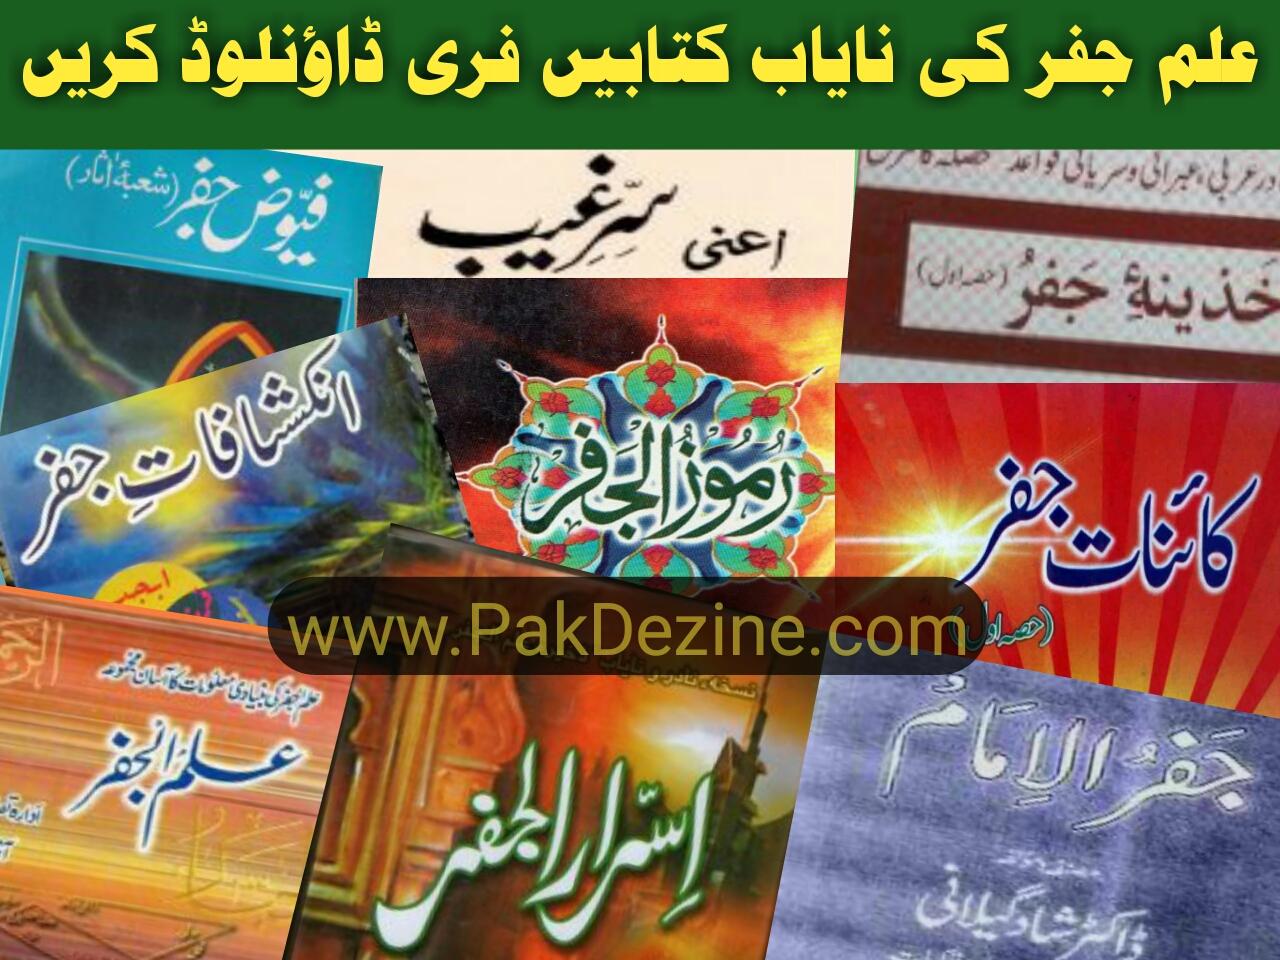 ilm e jaffar books in Urdu pdf free download